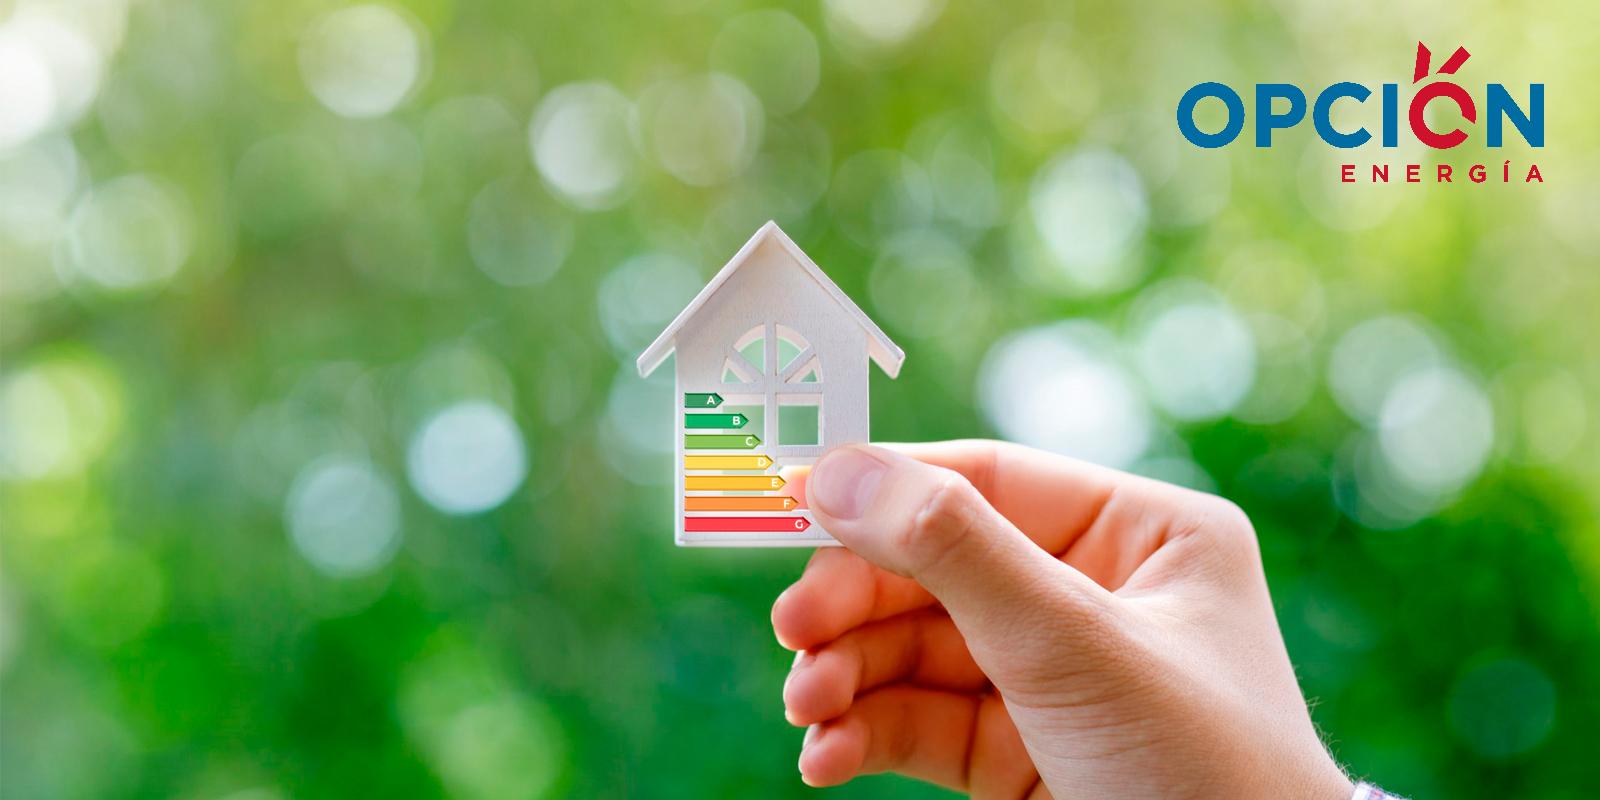 Cumplir con los criterios de energía sostenible